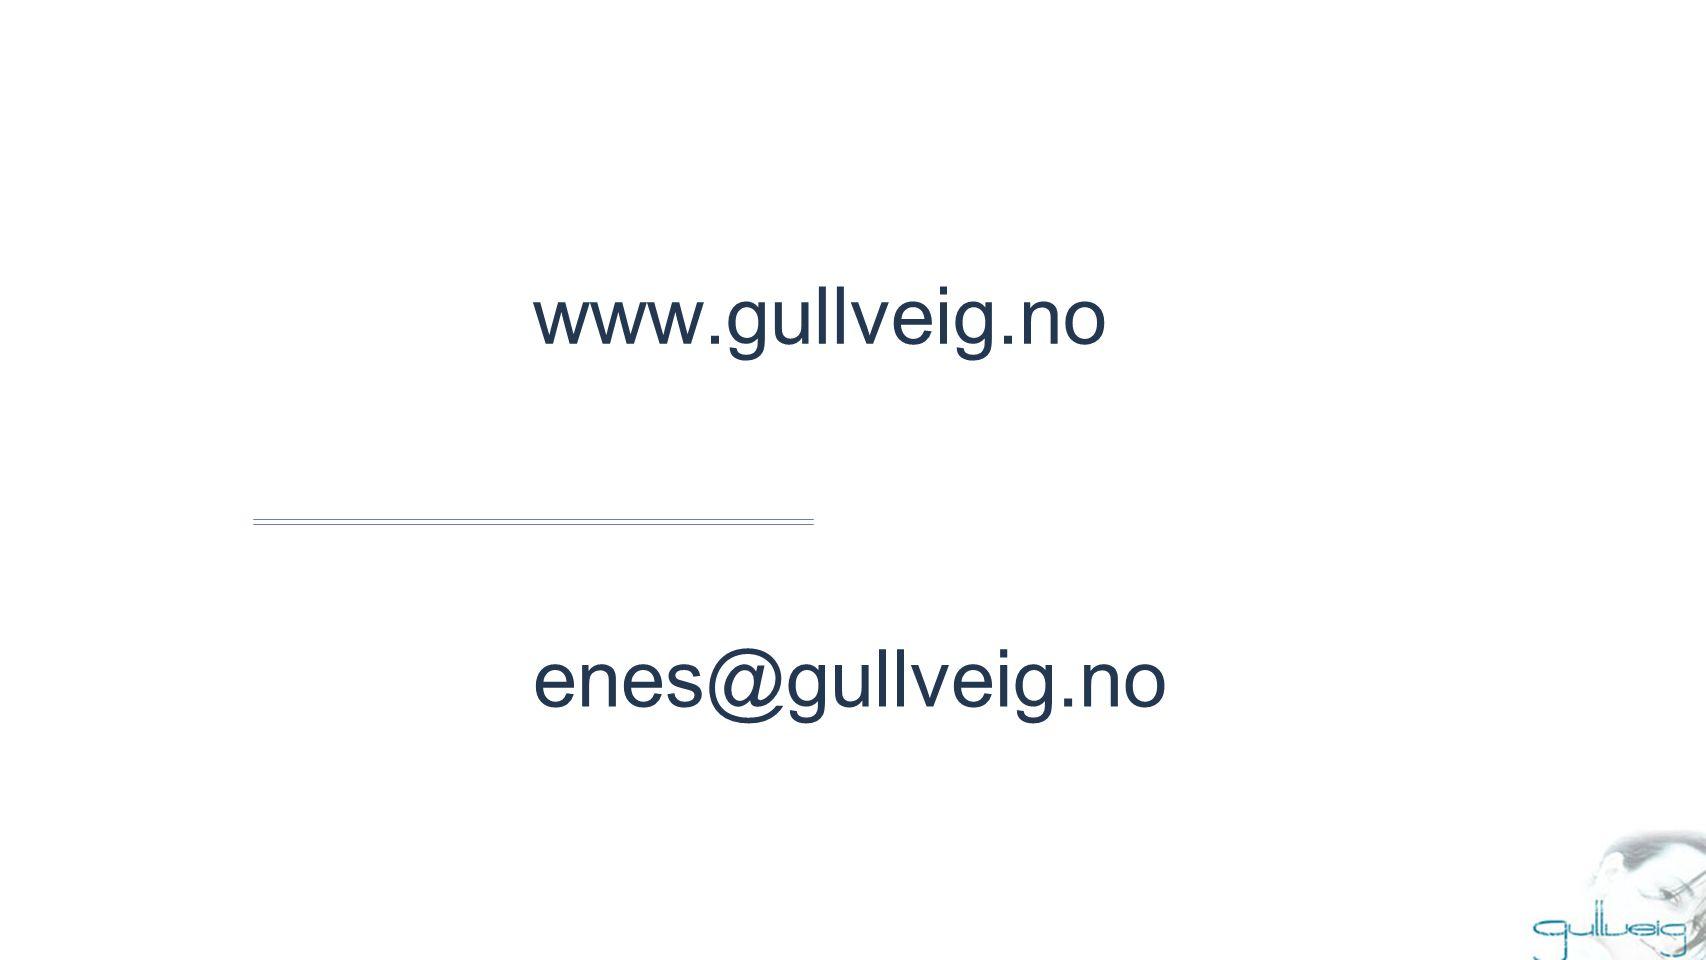 www.gullveig.no enes@gullveig.no